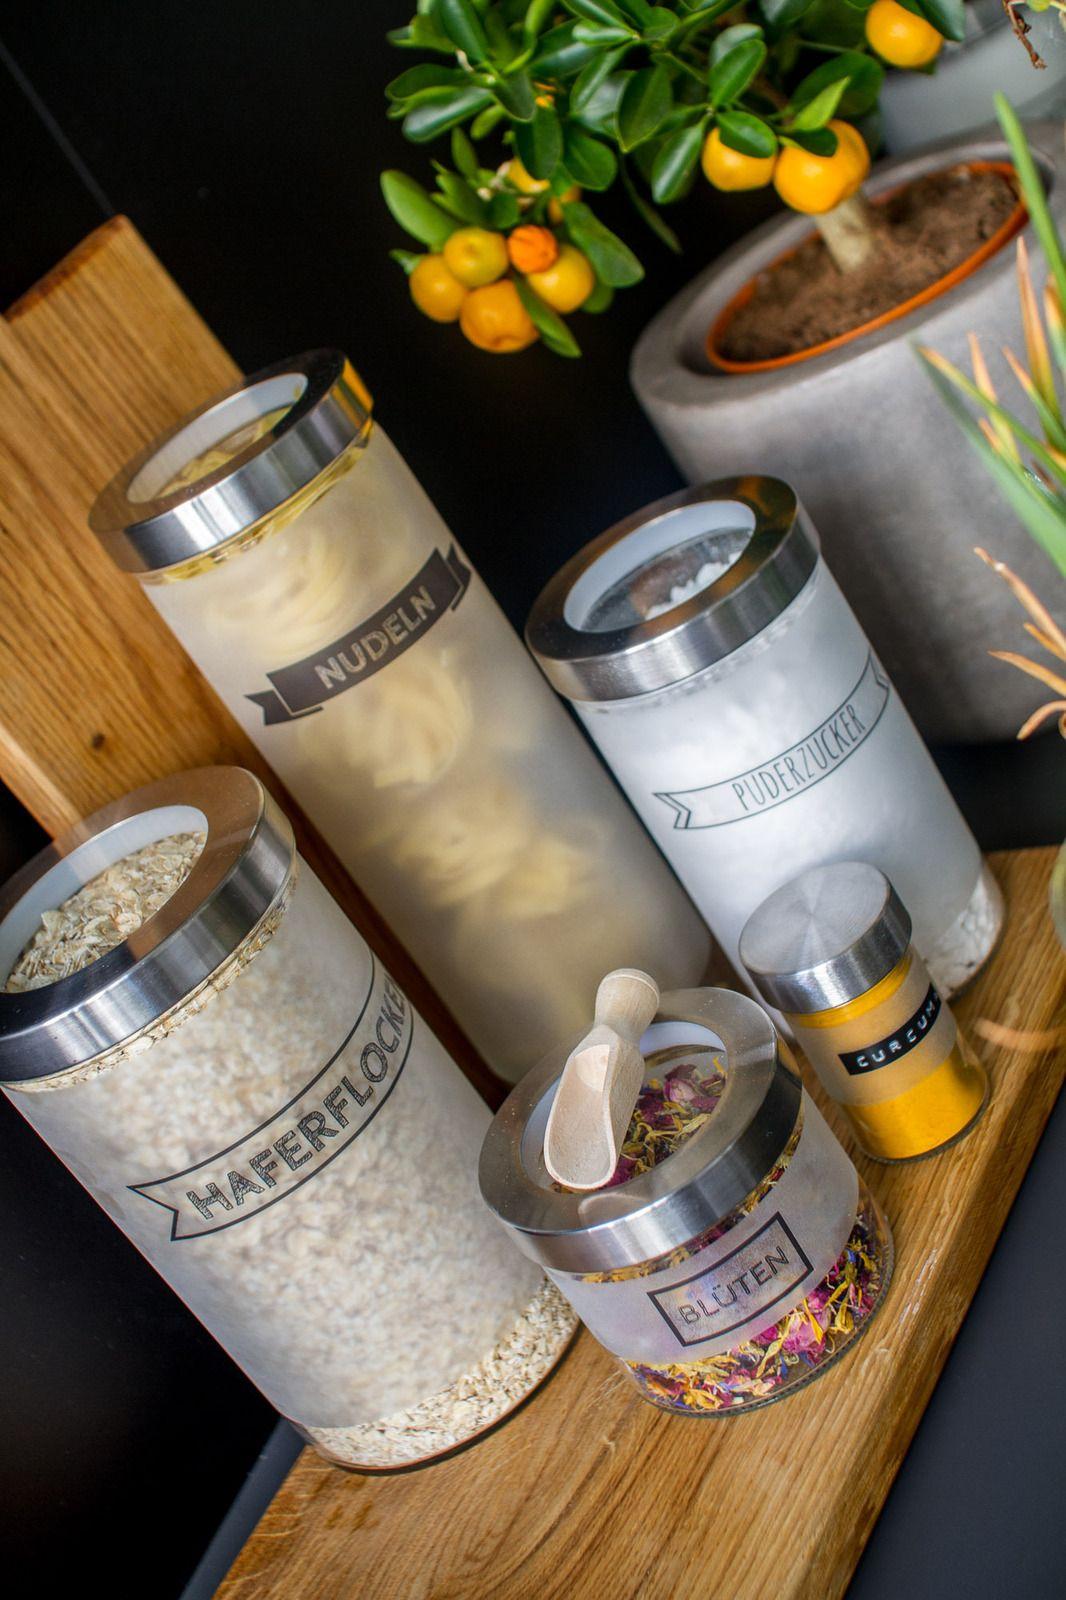 Tolle Etiketten Zum Ausdrucken Fur Vorratsglaser Woont Love Your Home Etiketten